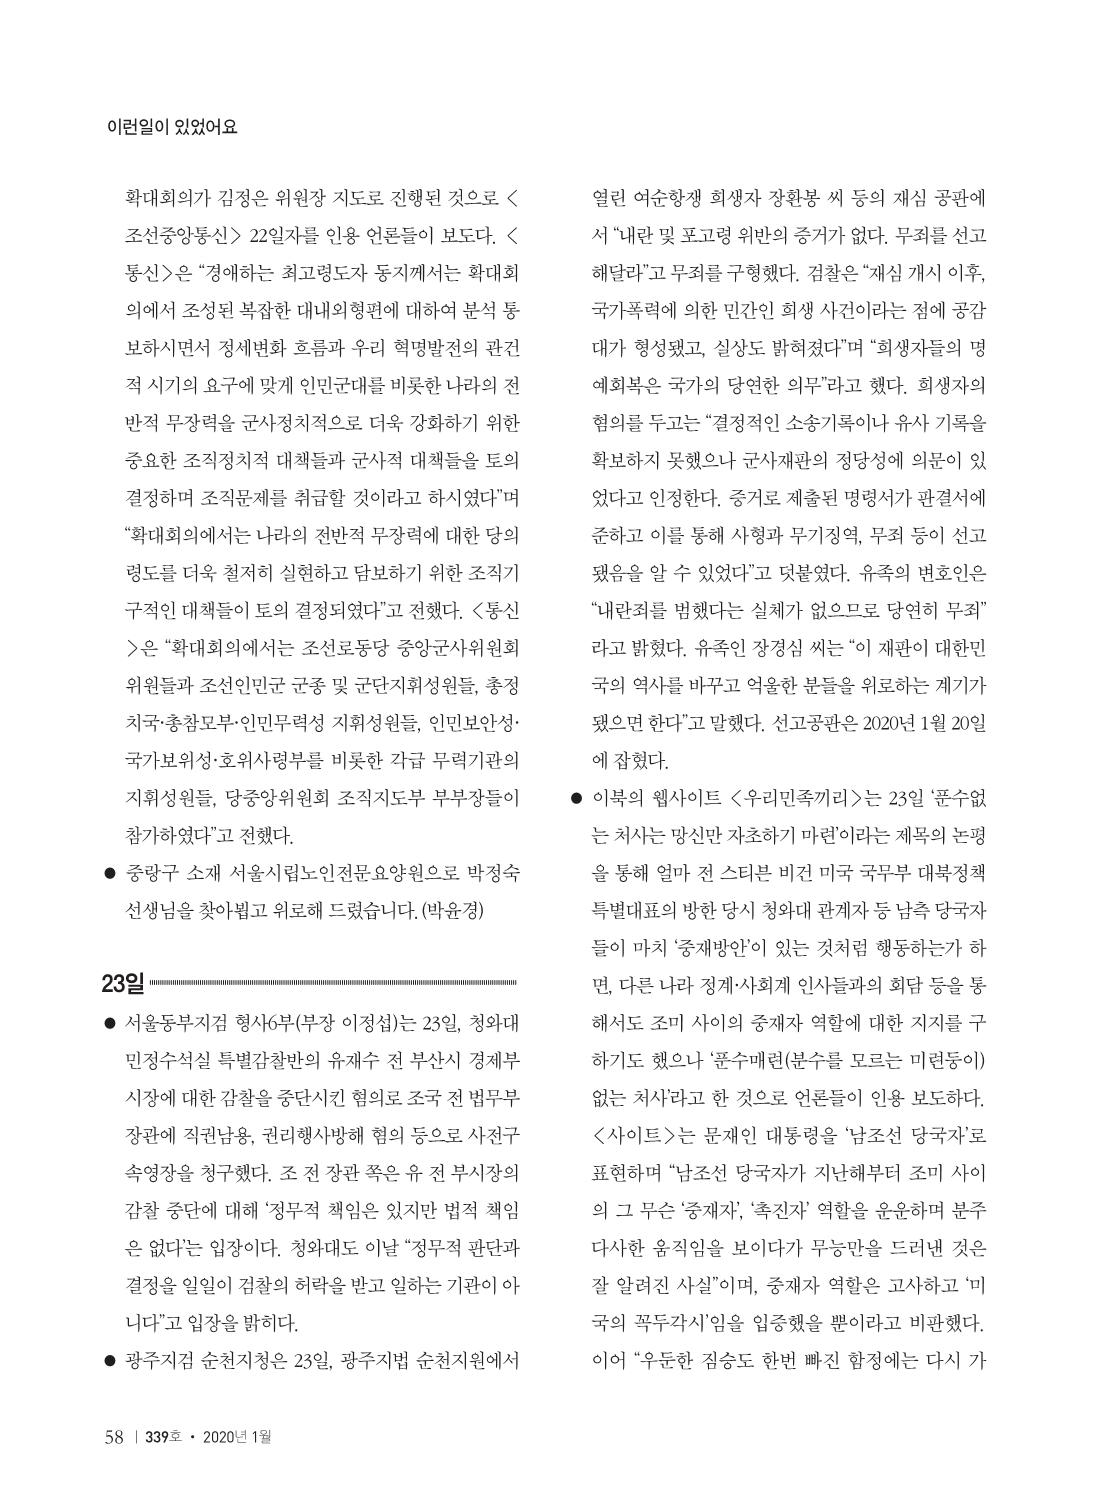 a864bddb-4dd3-476a-b443-283540dfe024.pdf-0060.jpg